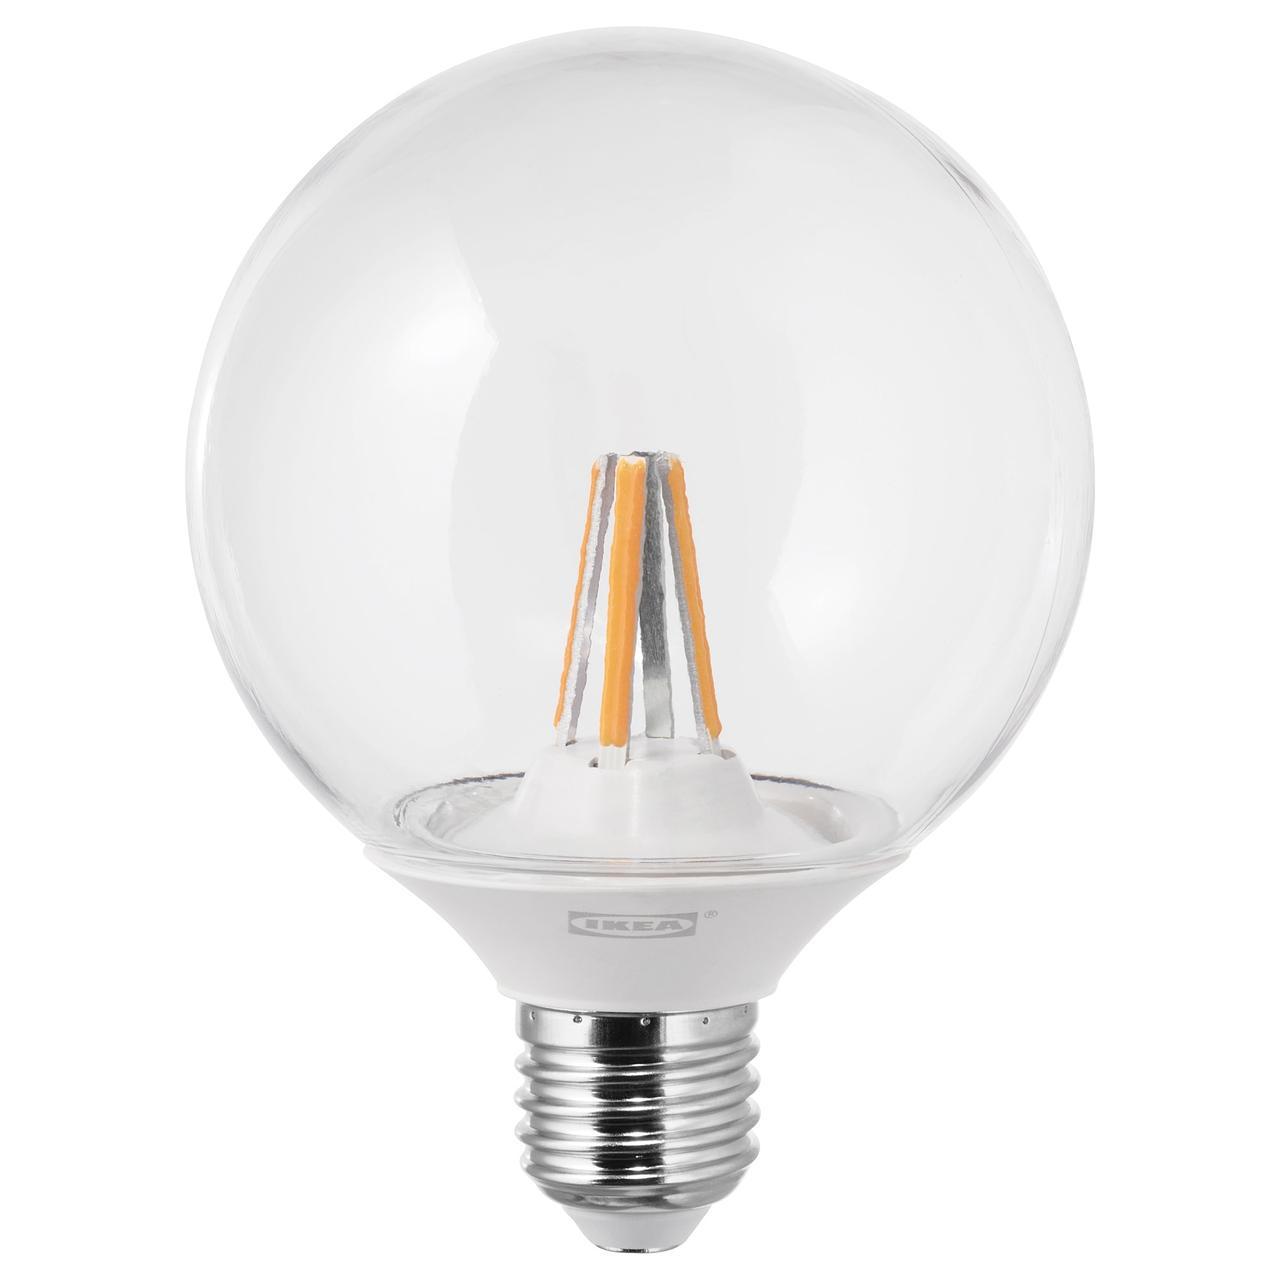 ЛЕДАРЕ Светодиод E27 600 лм, регулируемая яркость регулируемая яркость, теплый, шарообразный прозрачный